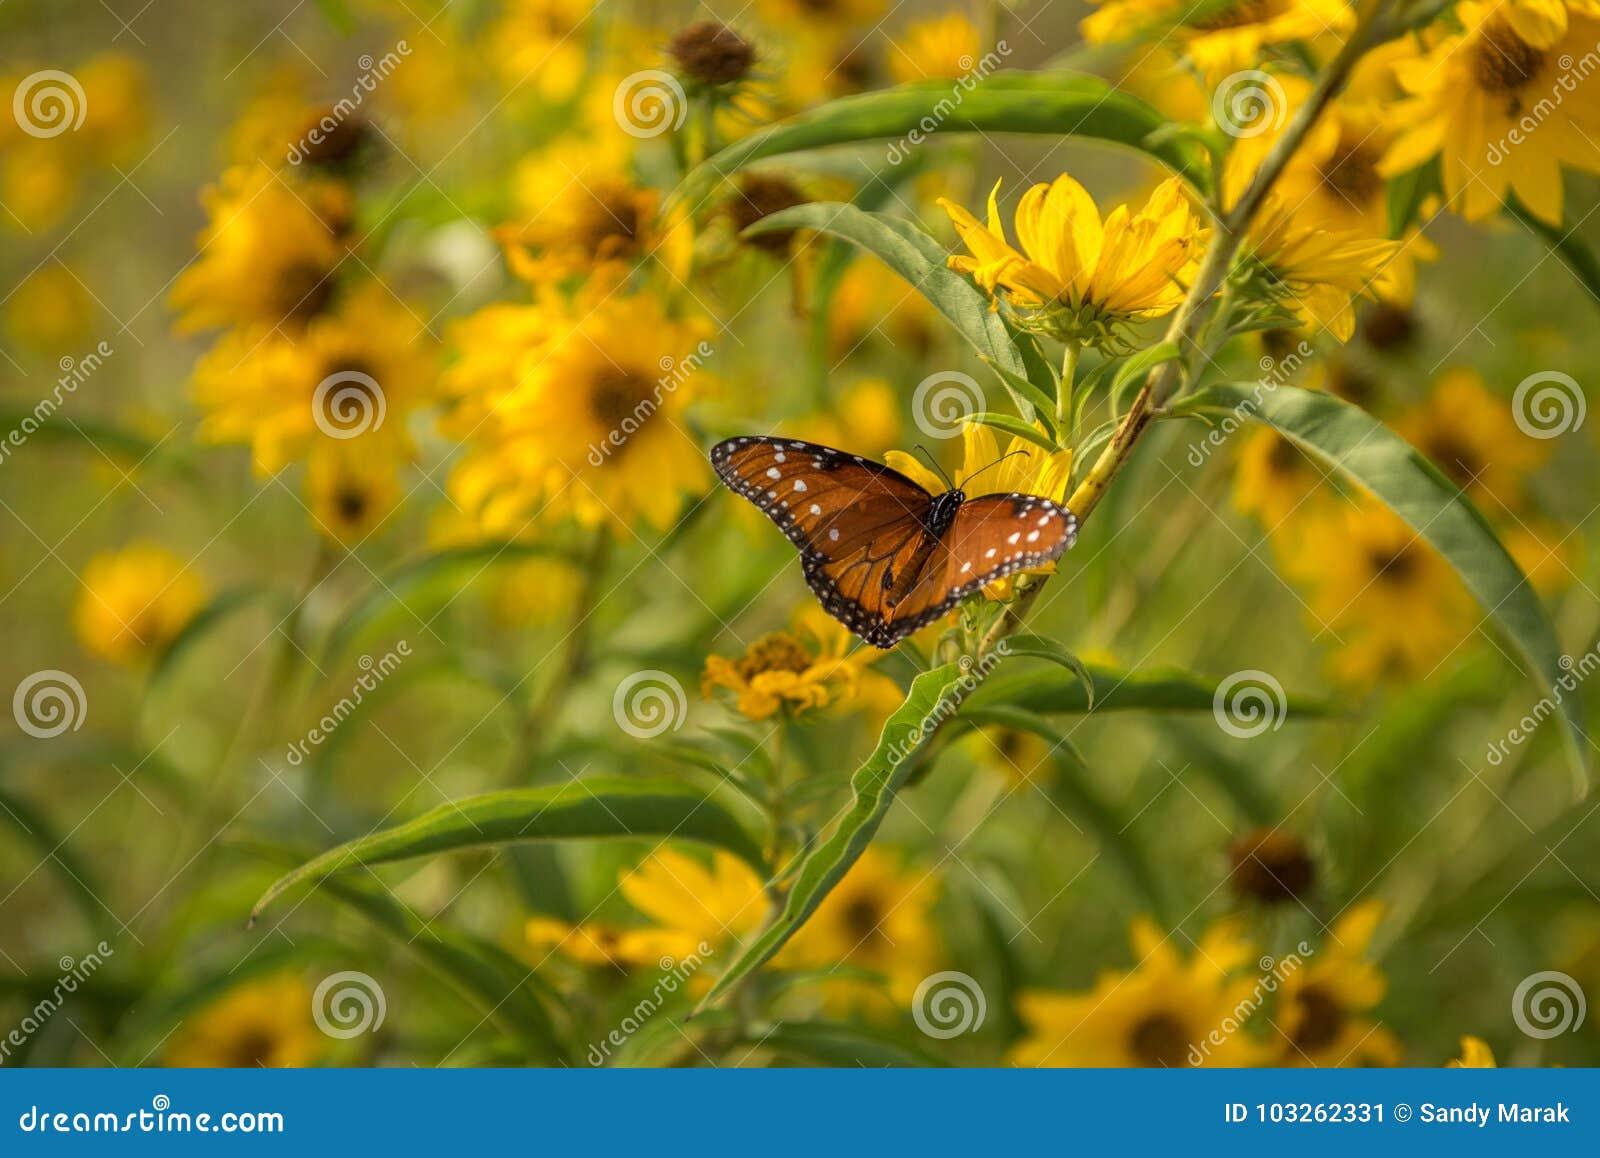 Farfalla con le ali spante